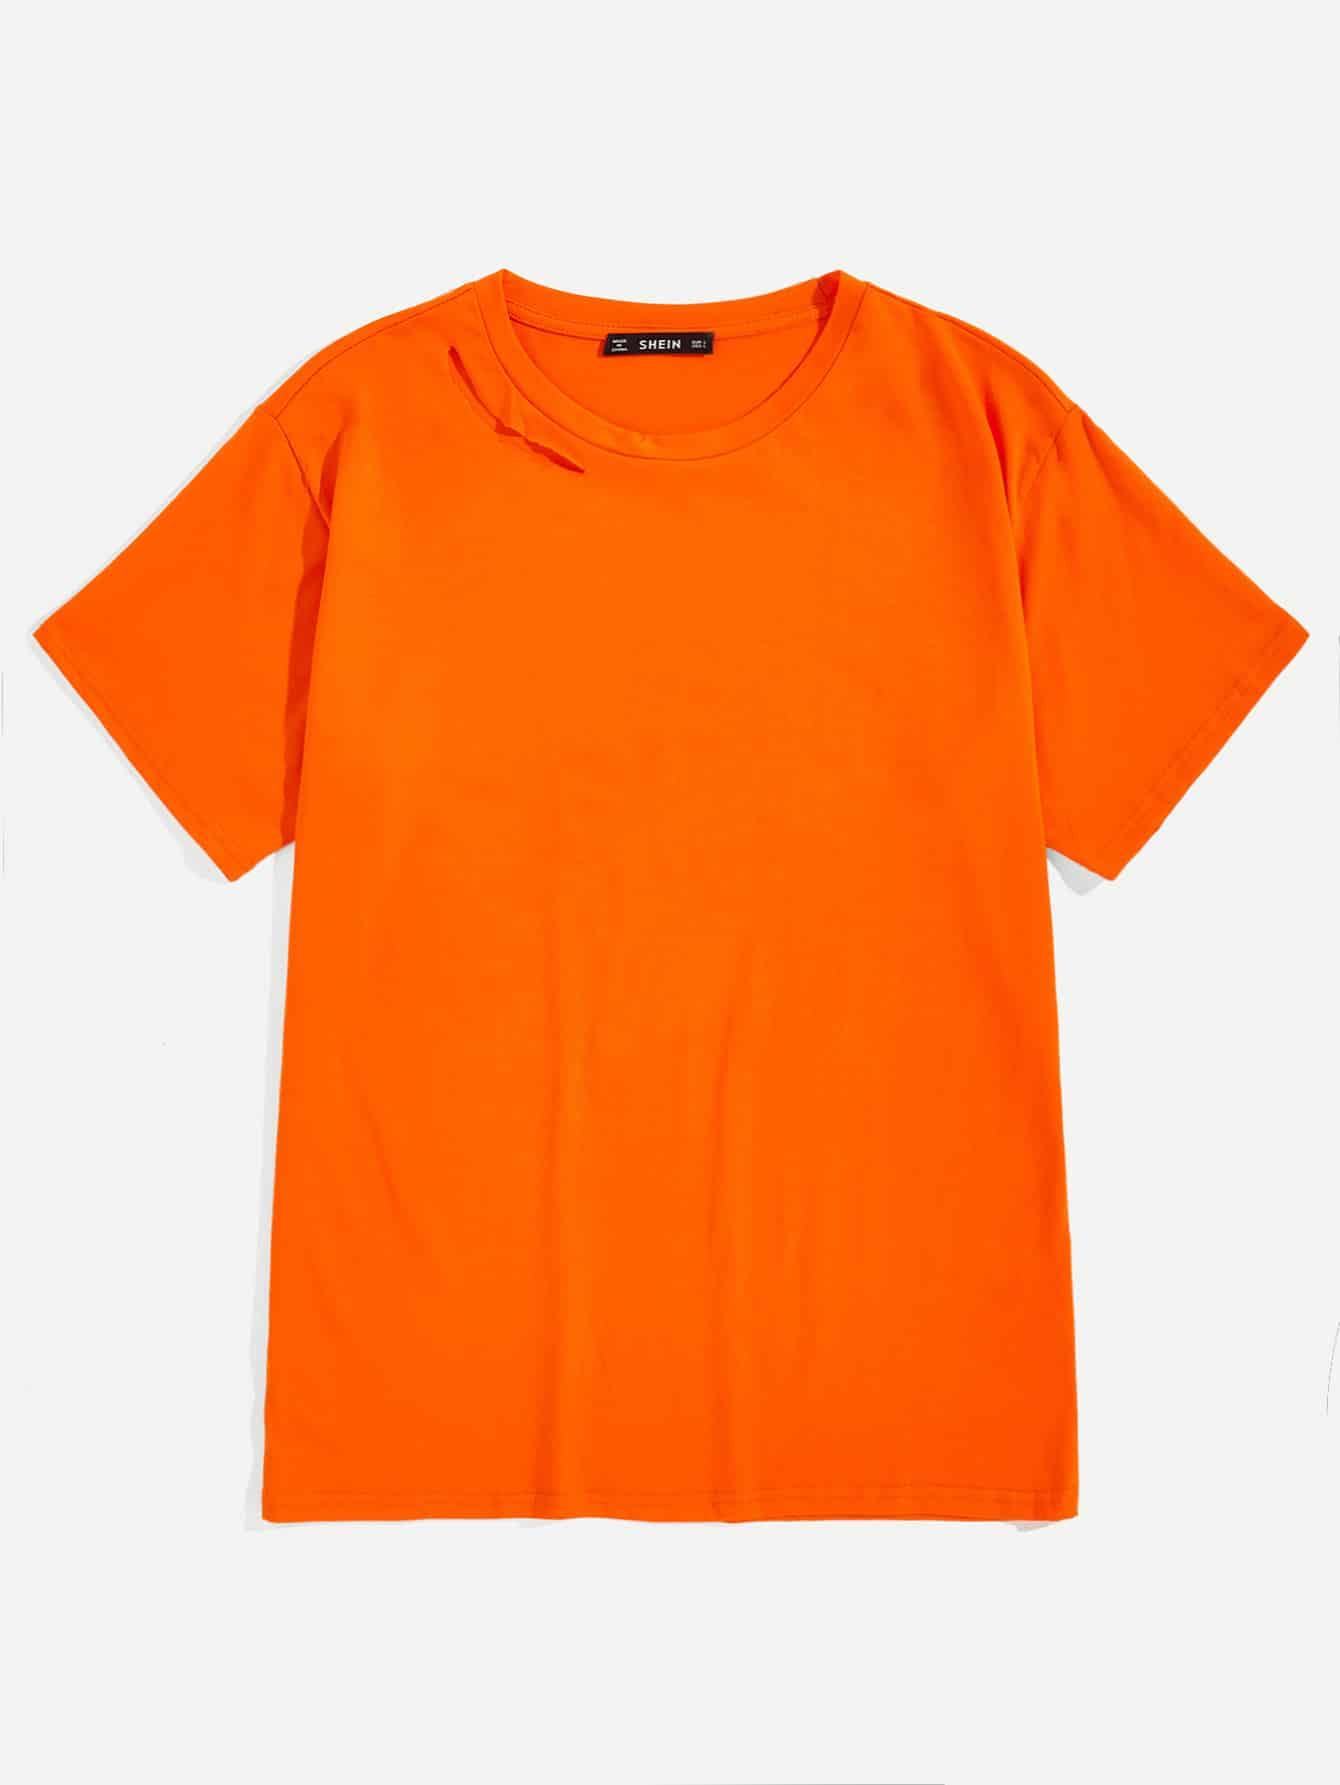 Купить Мужская однотонная футболка с ажурнфм воротником, null, SheIn